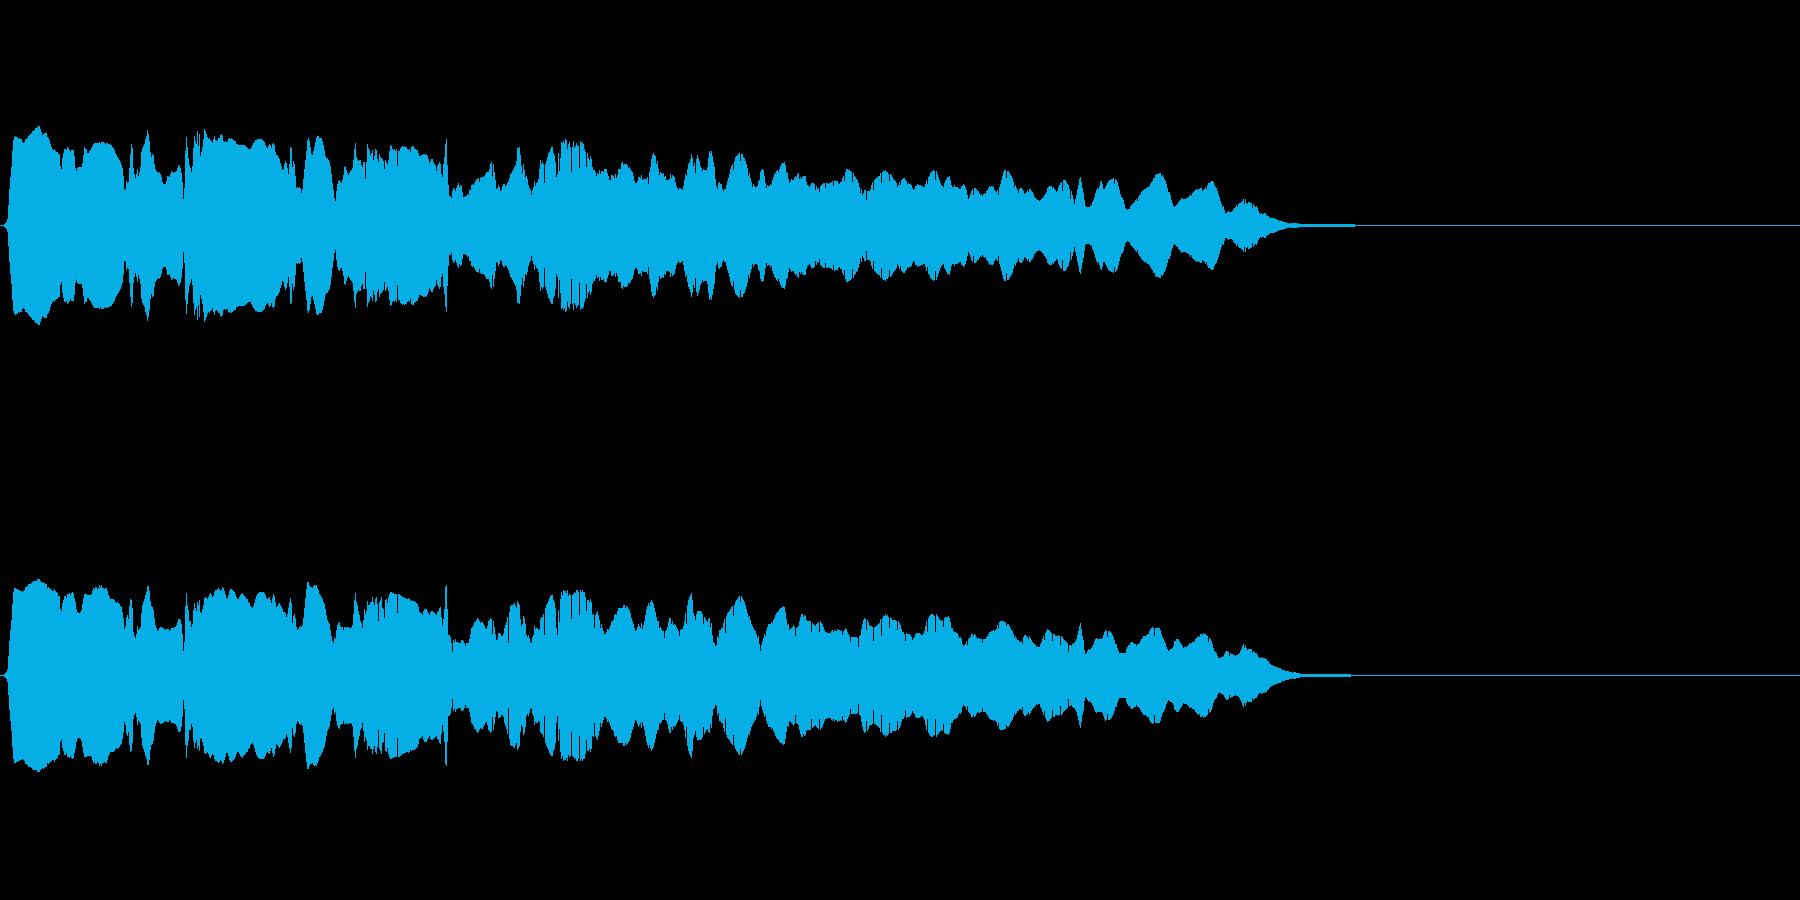 【フレーズ04-2】の再生済みの波形